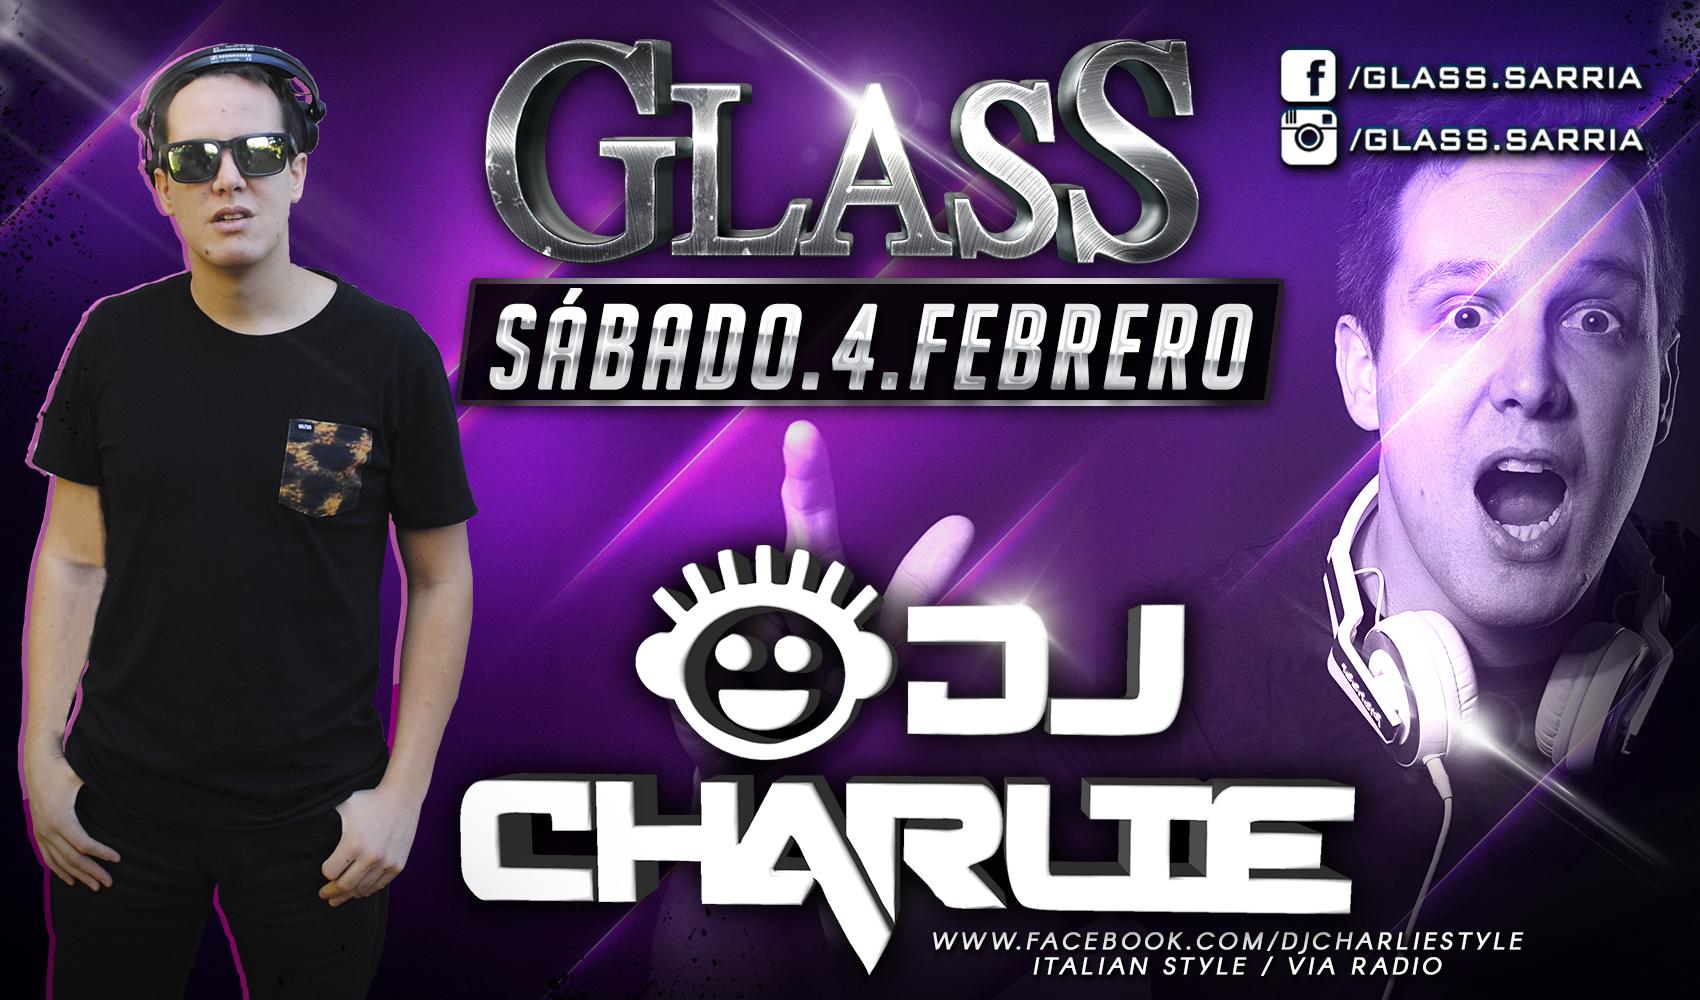 04-02-2017 Glass